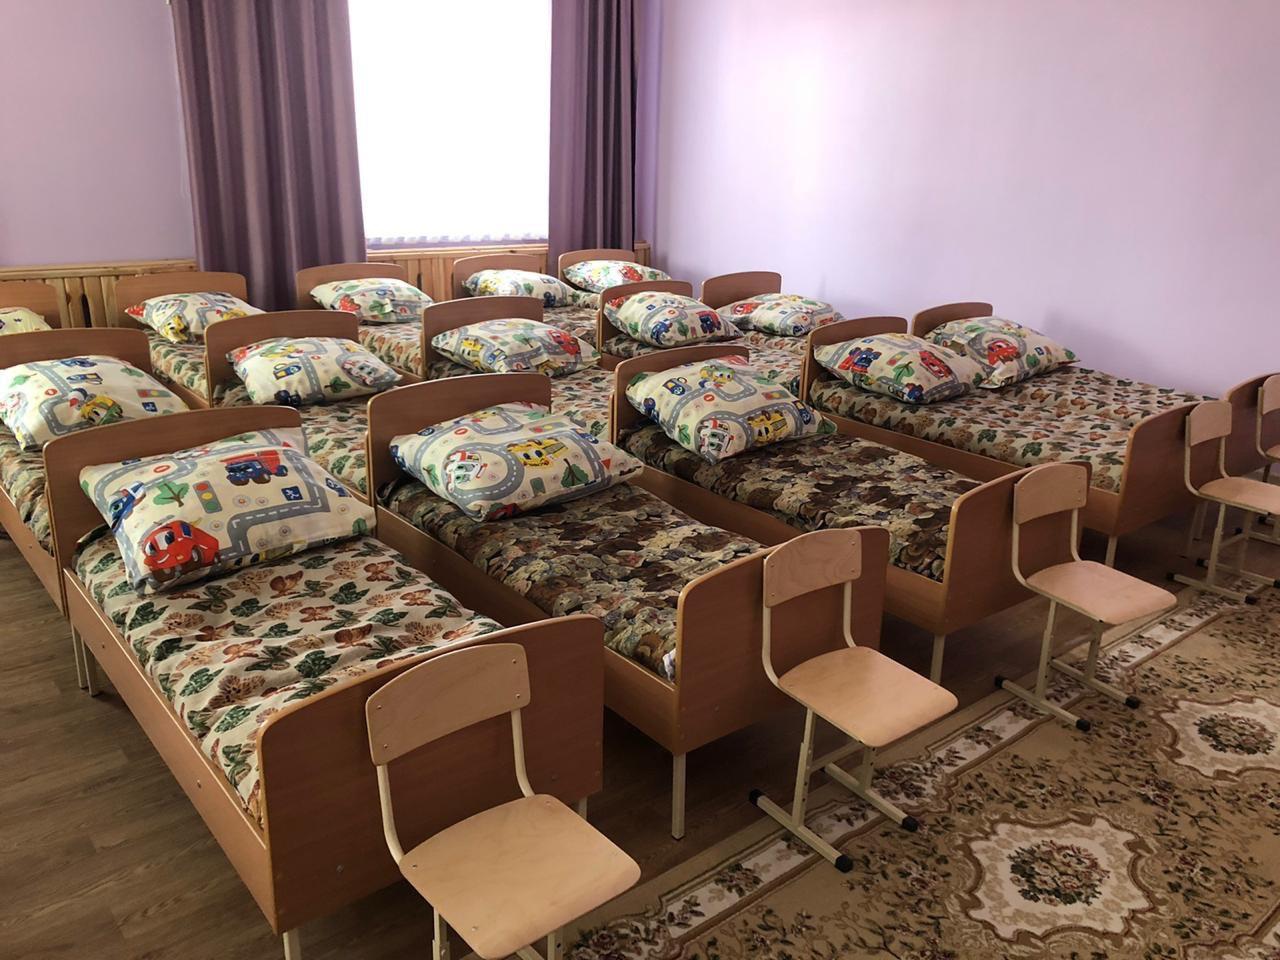 Бурков с Фадиной открыли садик, где будут кормить безлактозной пищей #Новости #Общество #Омск